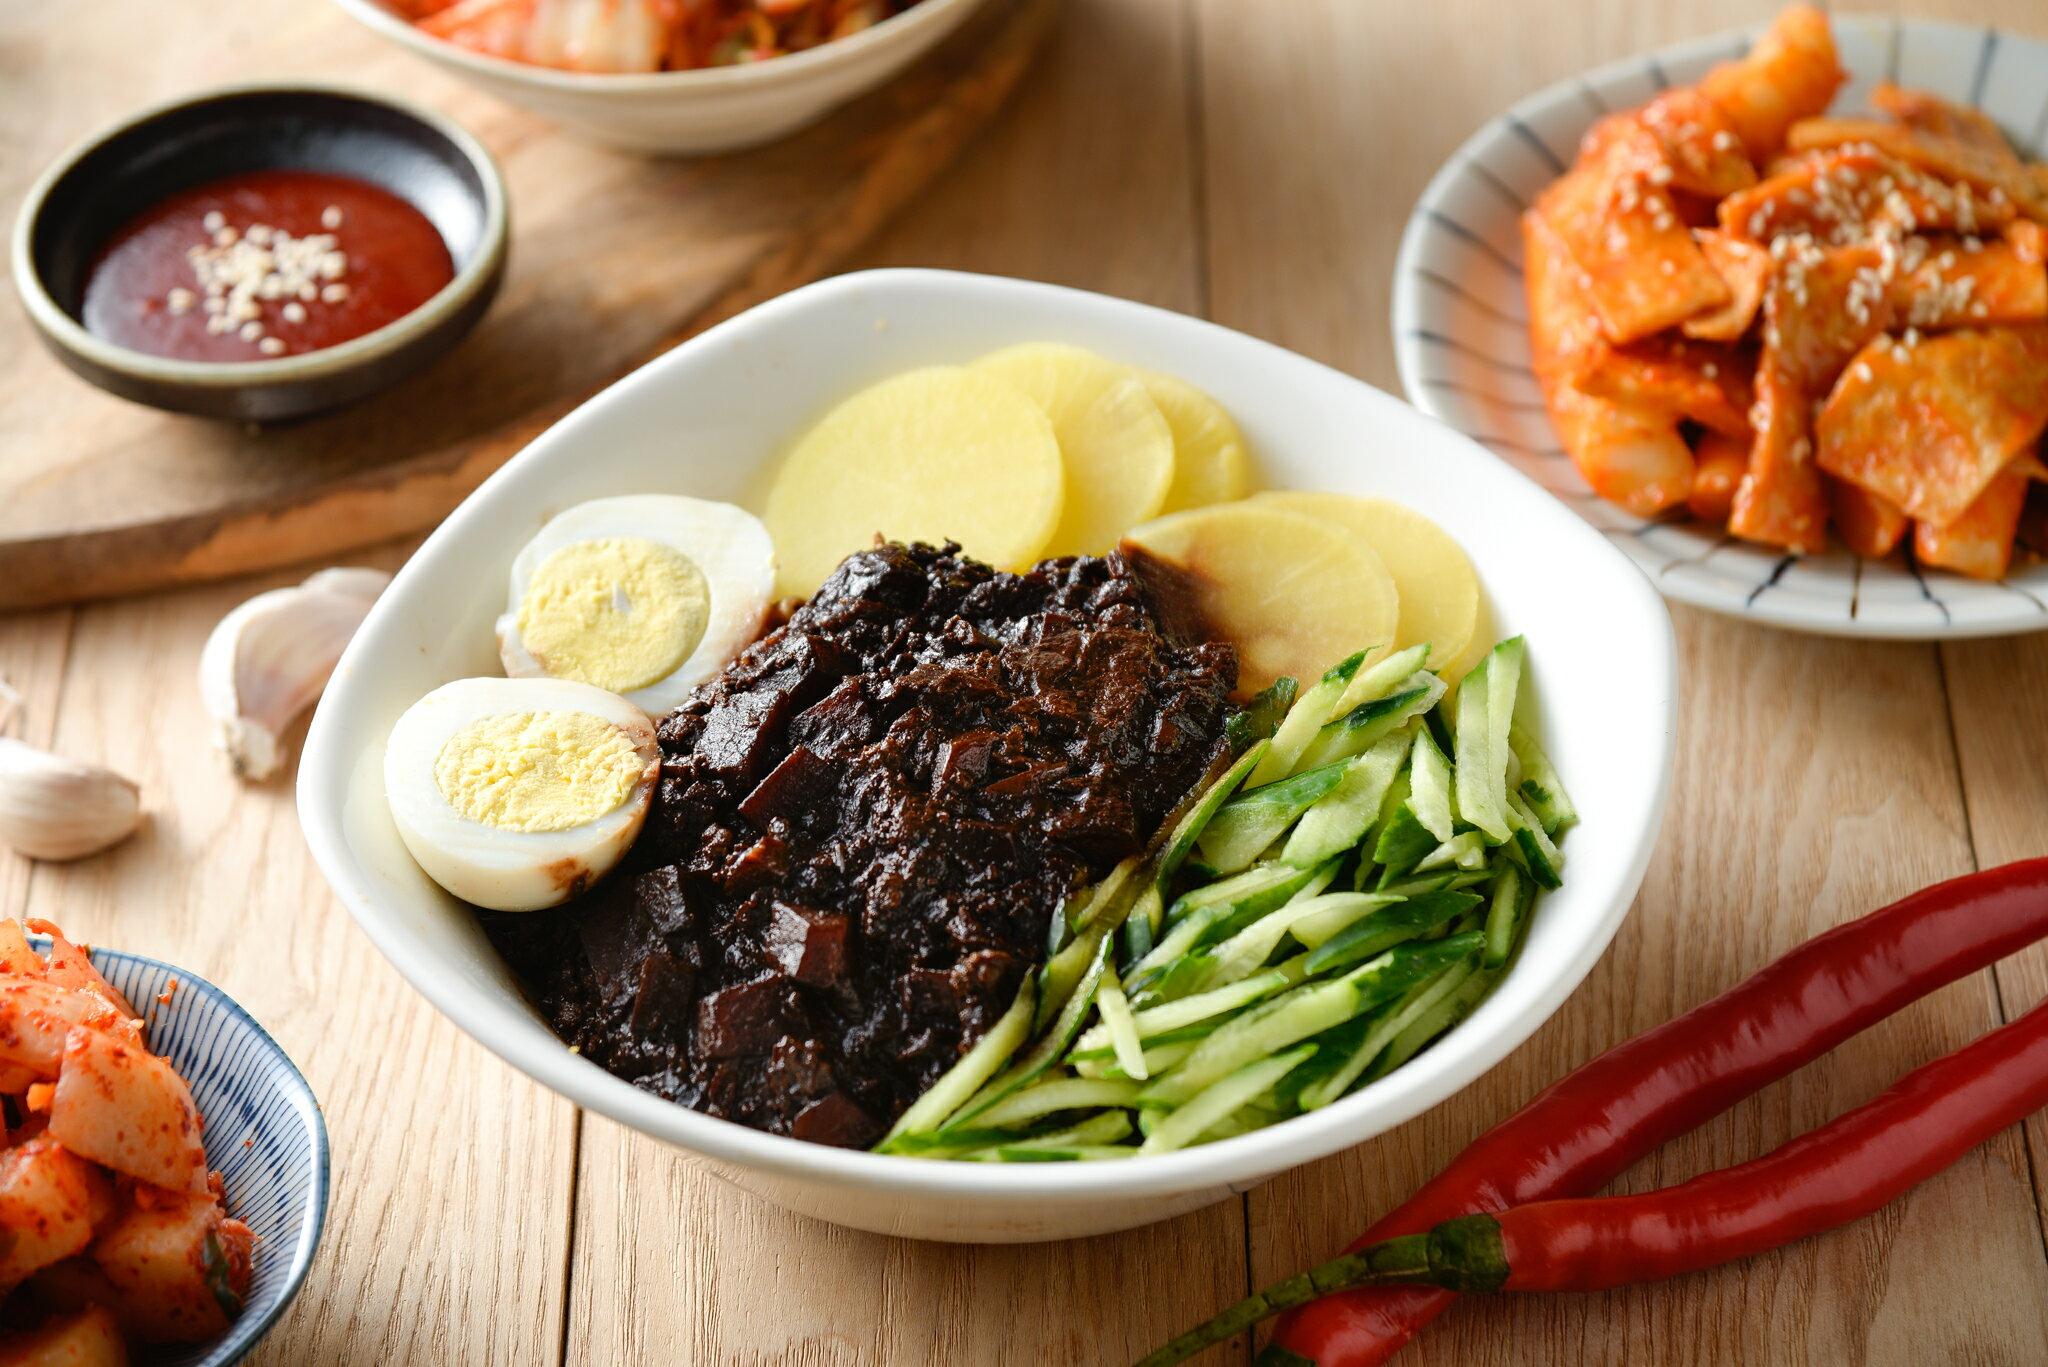 親古 韓式榨醬(小包裝) 內容量:小包裝300g (內無麵)